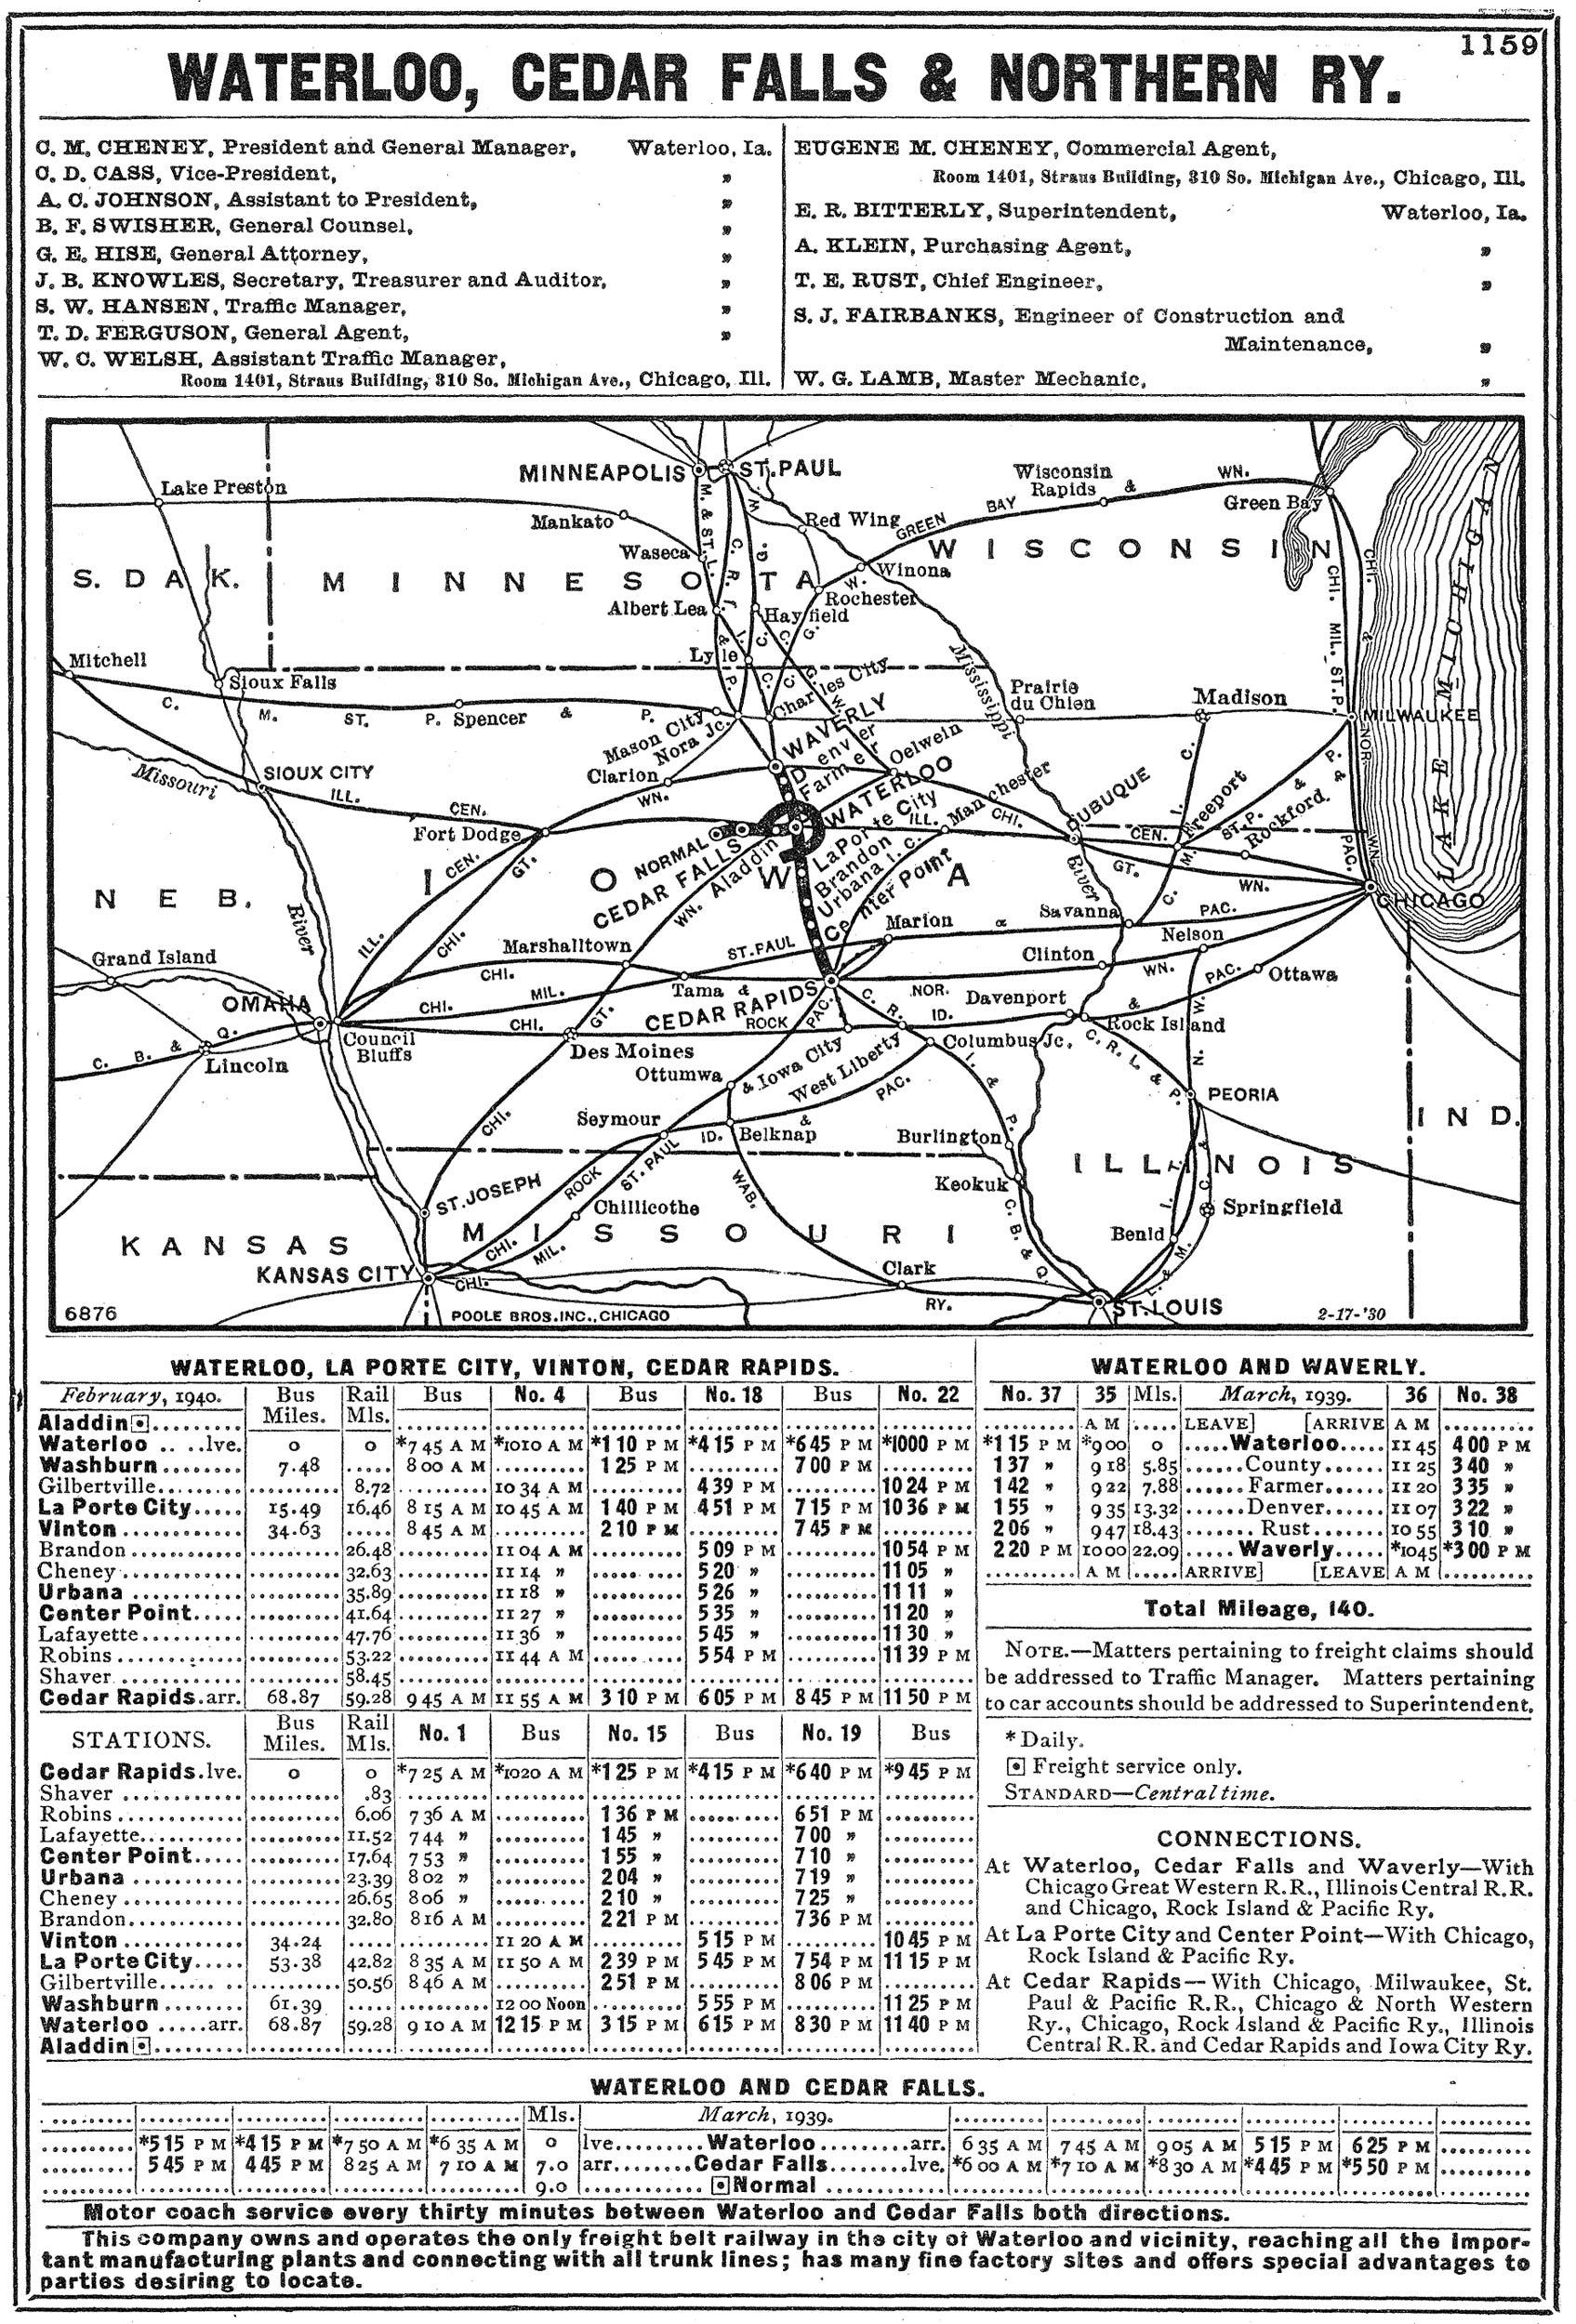 Waterloo Cedar Falls & Northern Railway